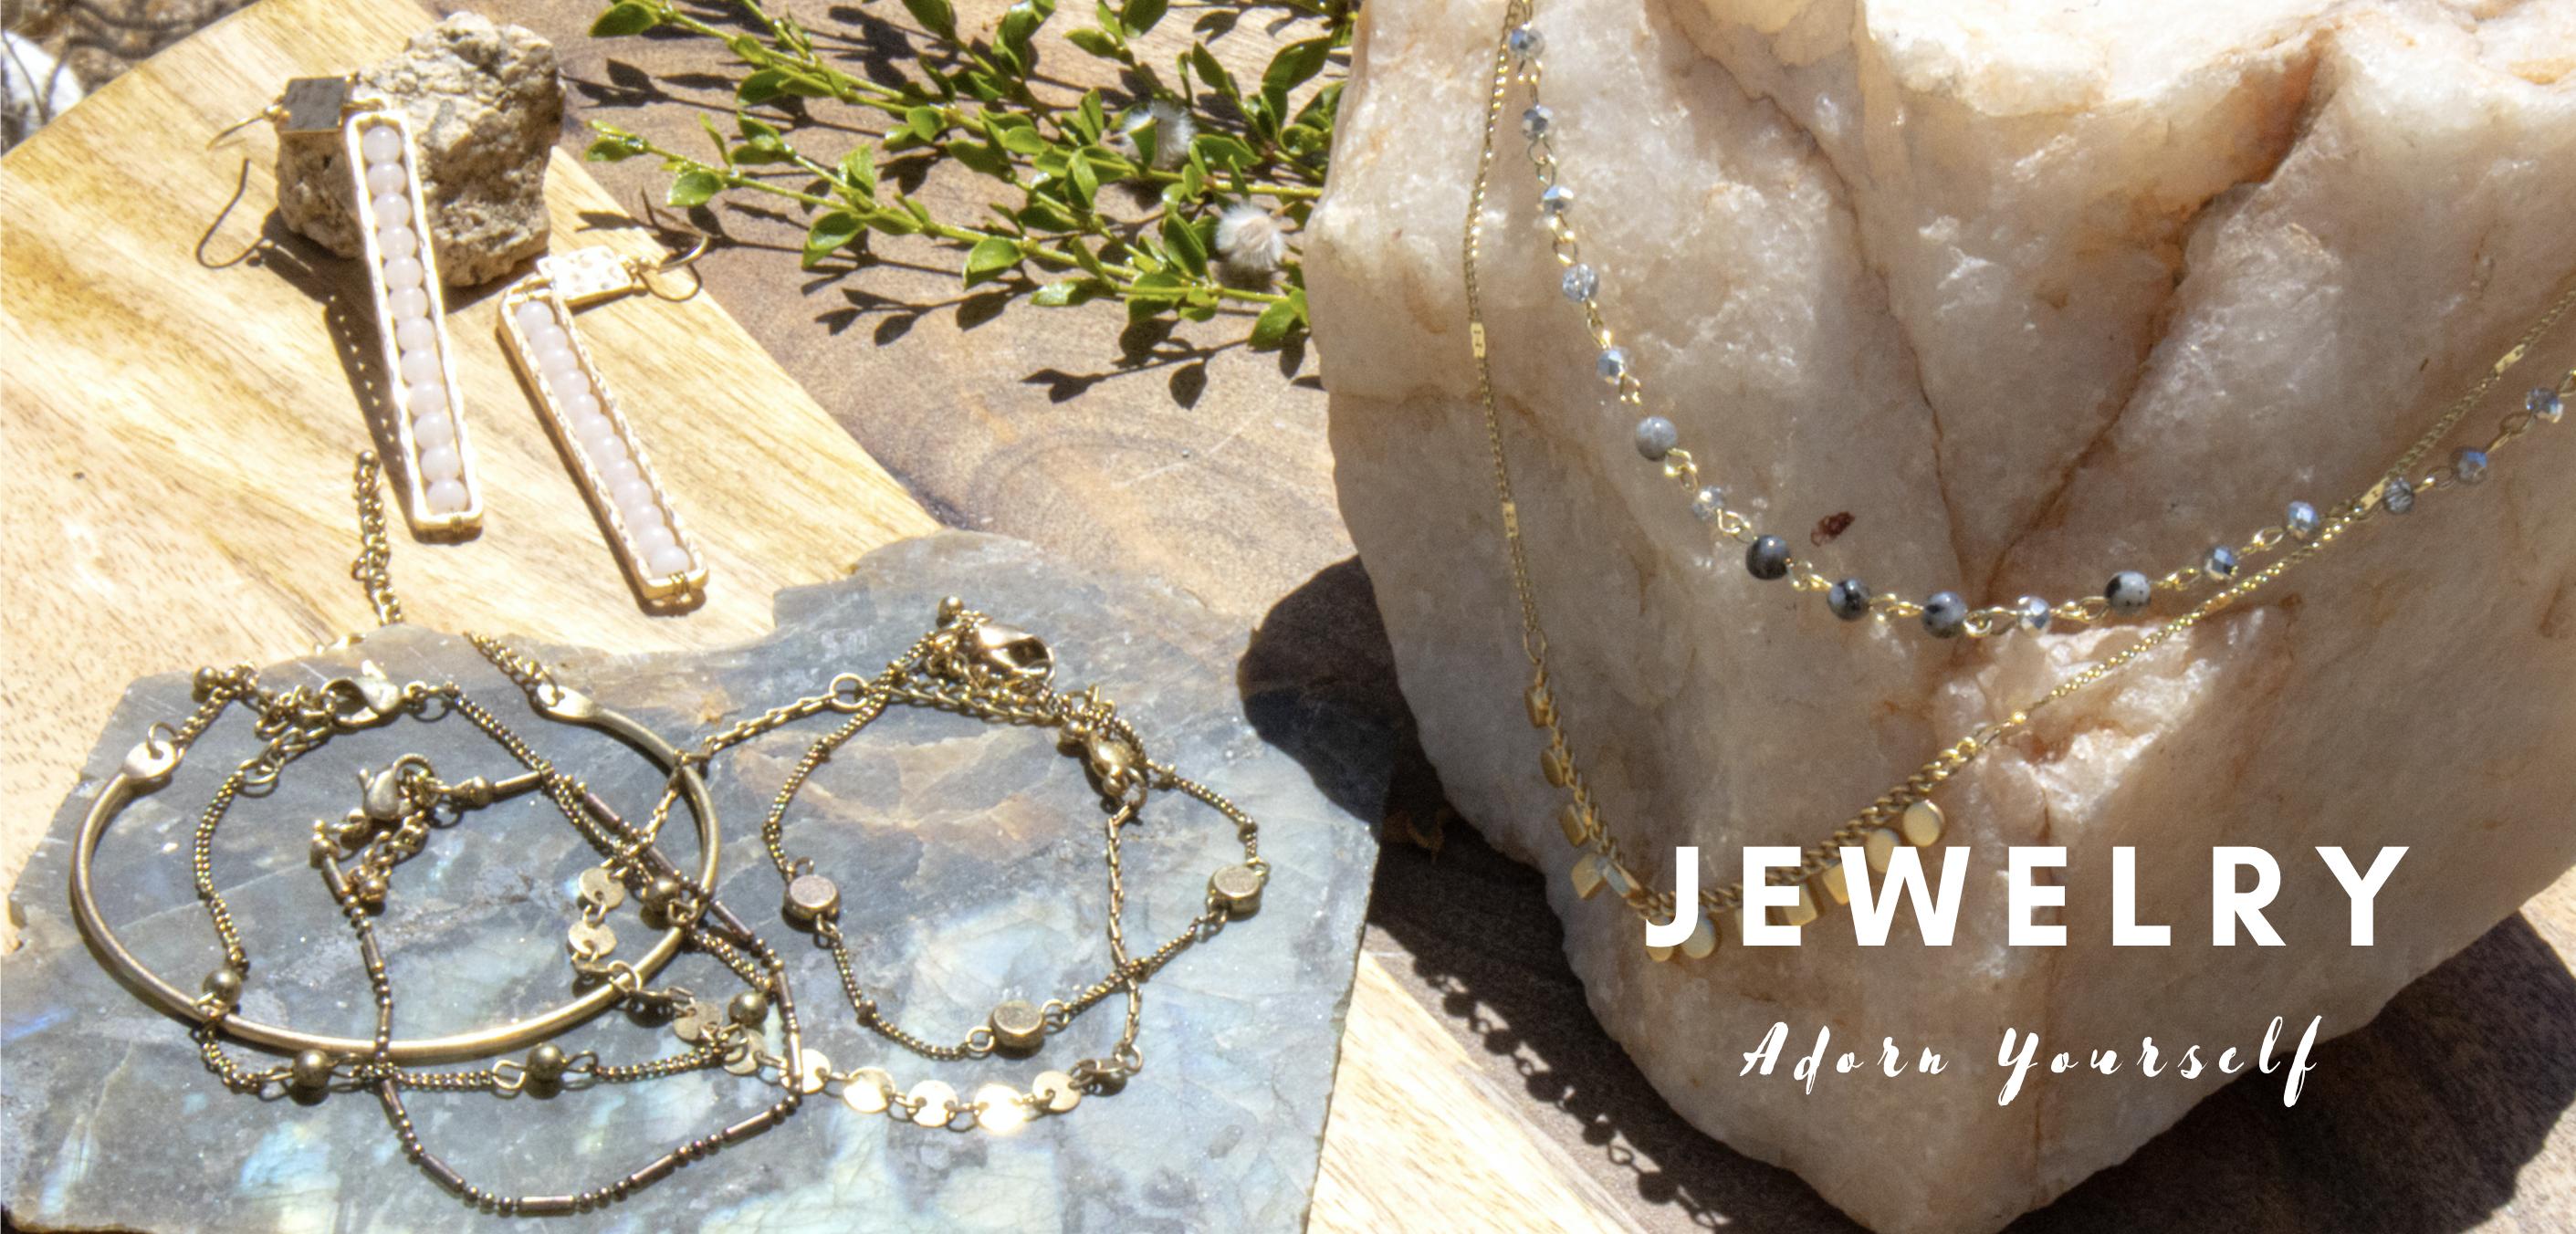 jewelry, earrings, bracelet, necklace, gold, rose gold, quartz, turquoise, boho, chic, elegant